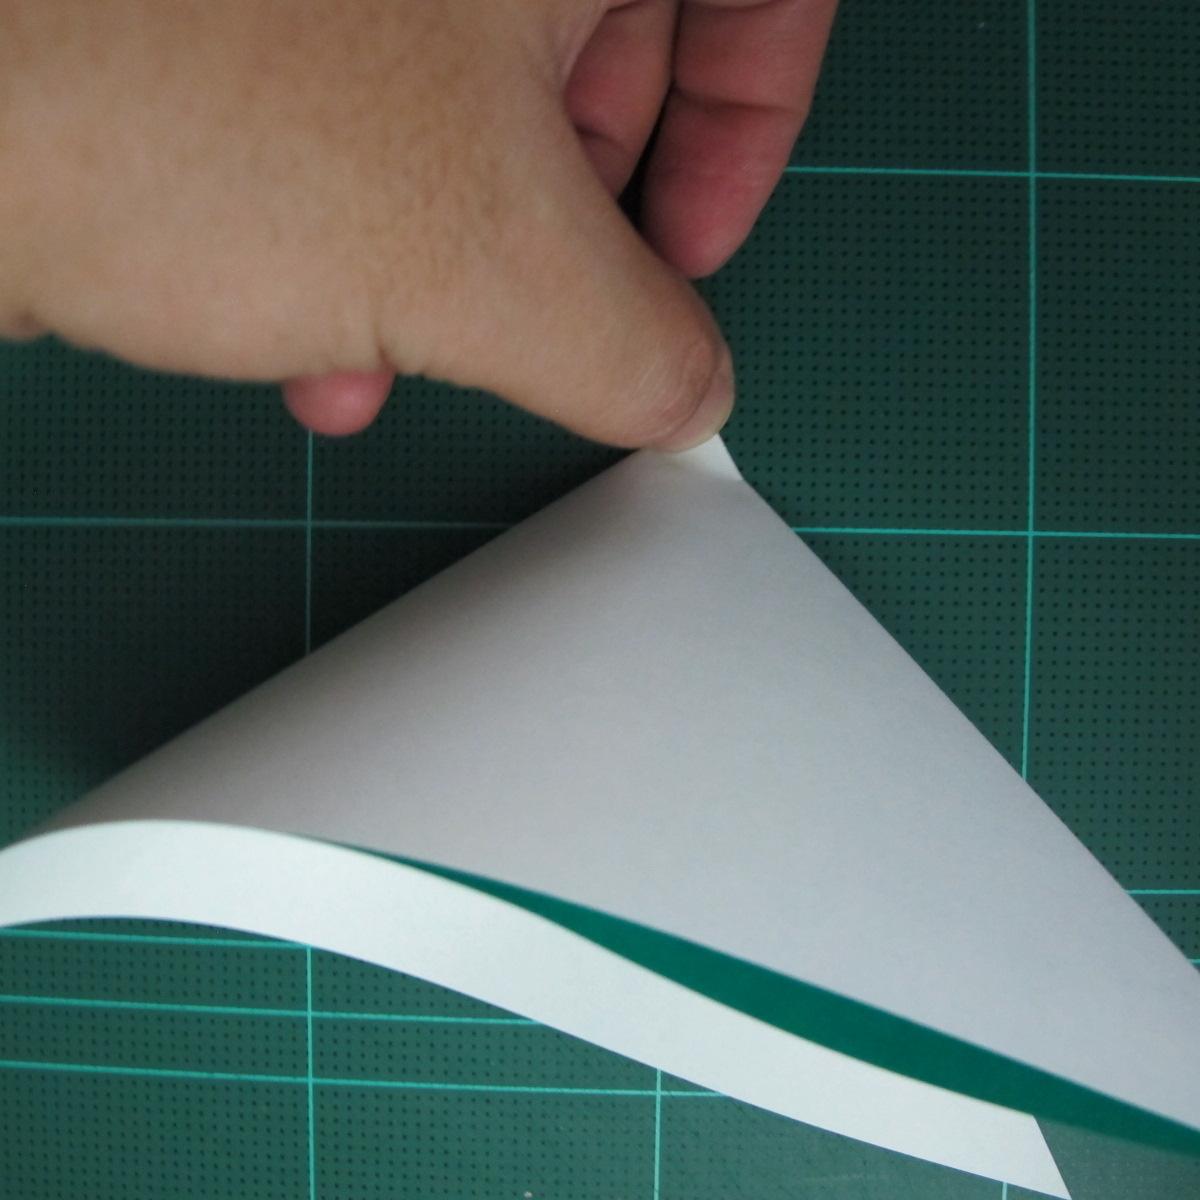 การพับกระดาษเป็นรูปเรือมังกร (Origami Dragon Boat) 004